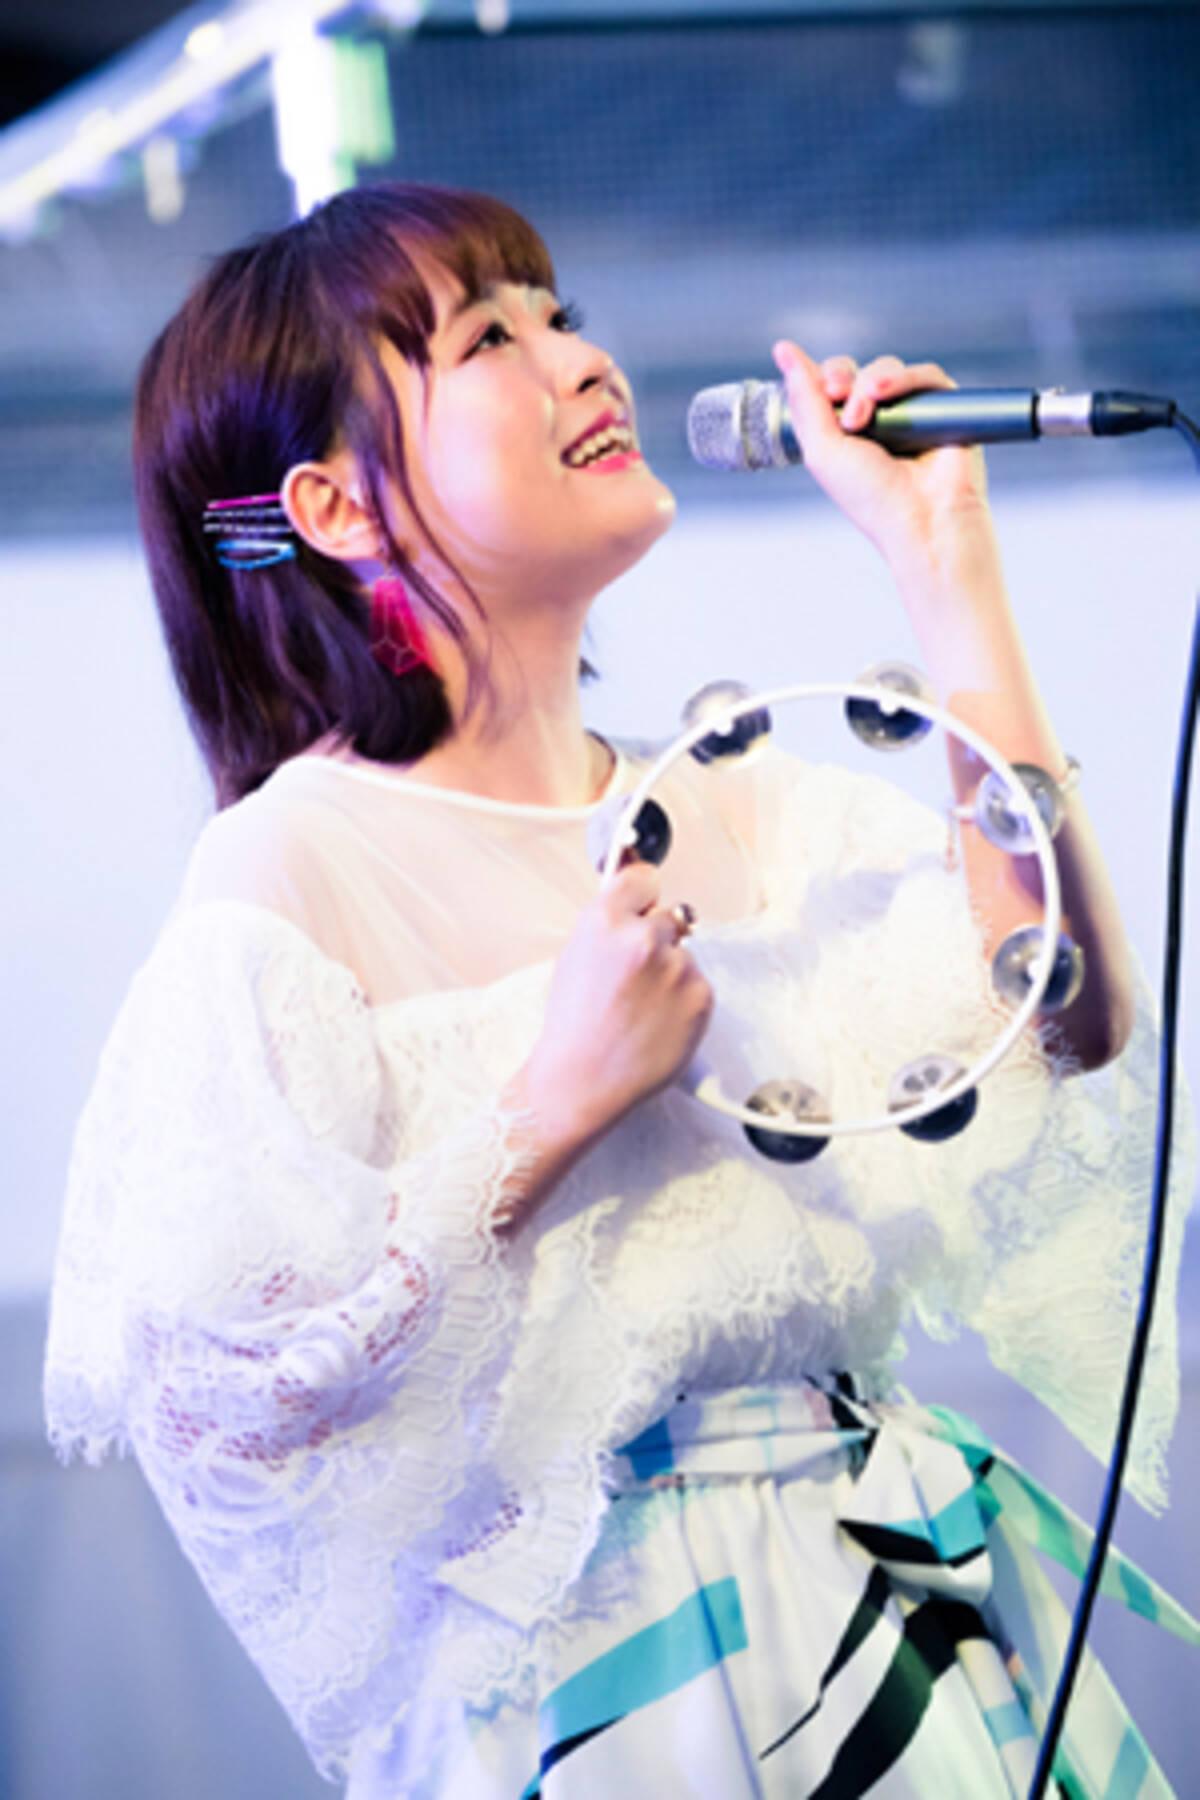 大原櫻子 フリーライブで00人のファンと大合唱 17年8月12日 エキサイトニュース